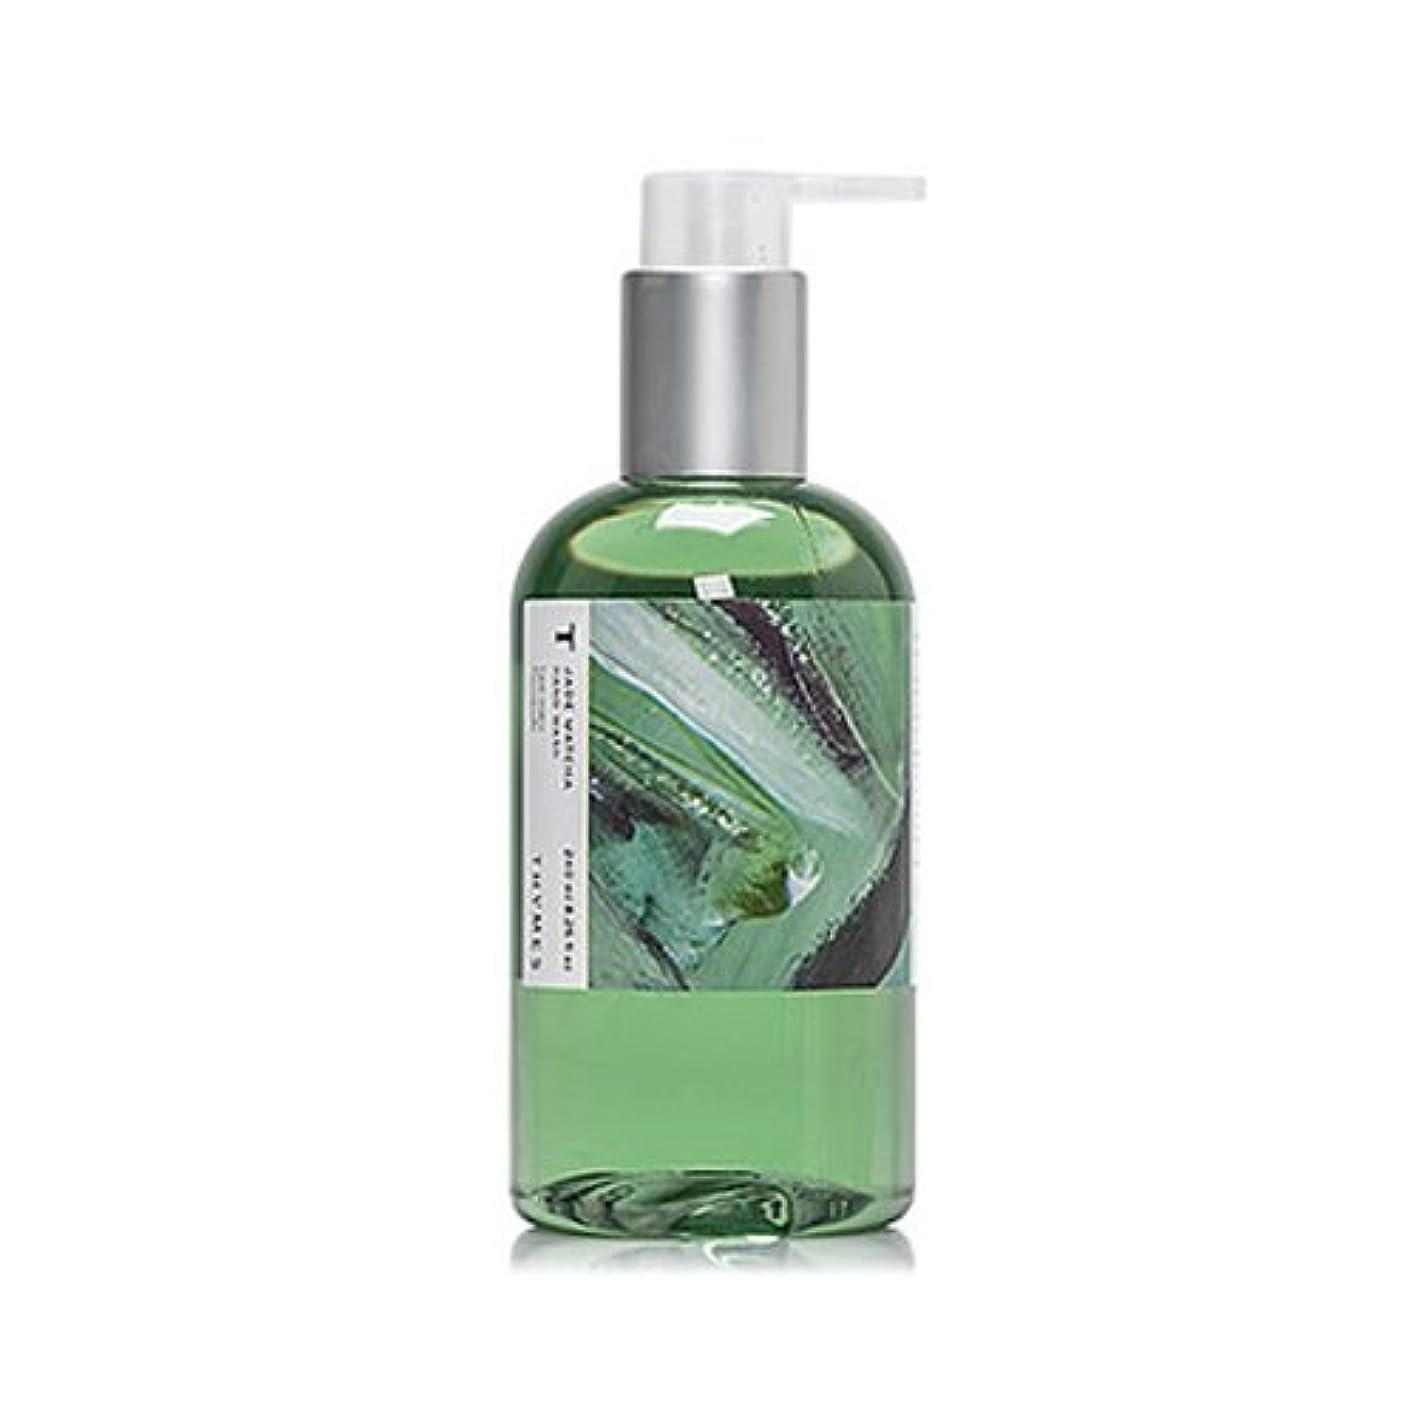 ラッシュ彼公園THYMES タイムズ ハンドウォッシュ 240ml ジェイド抹茶 Hand Wash 8.25 fl oz Jade Matcha [並行輸入品]